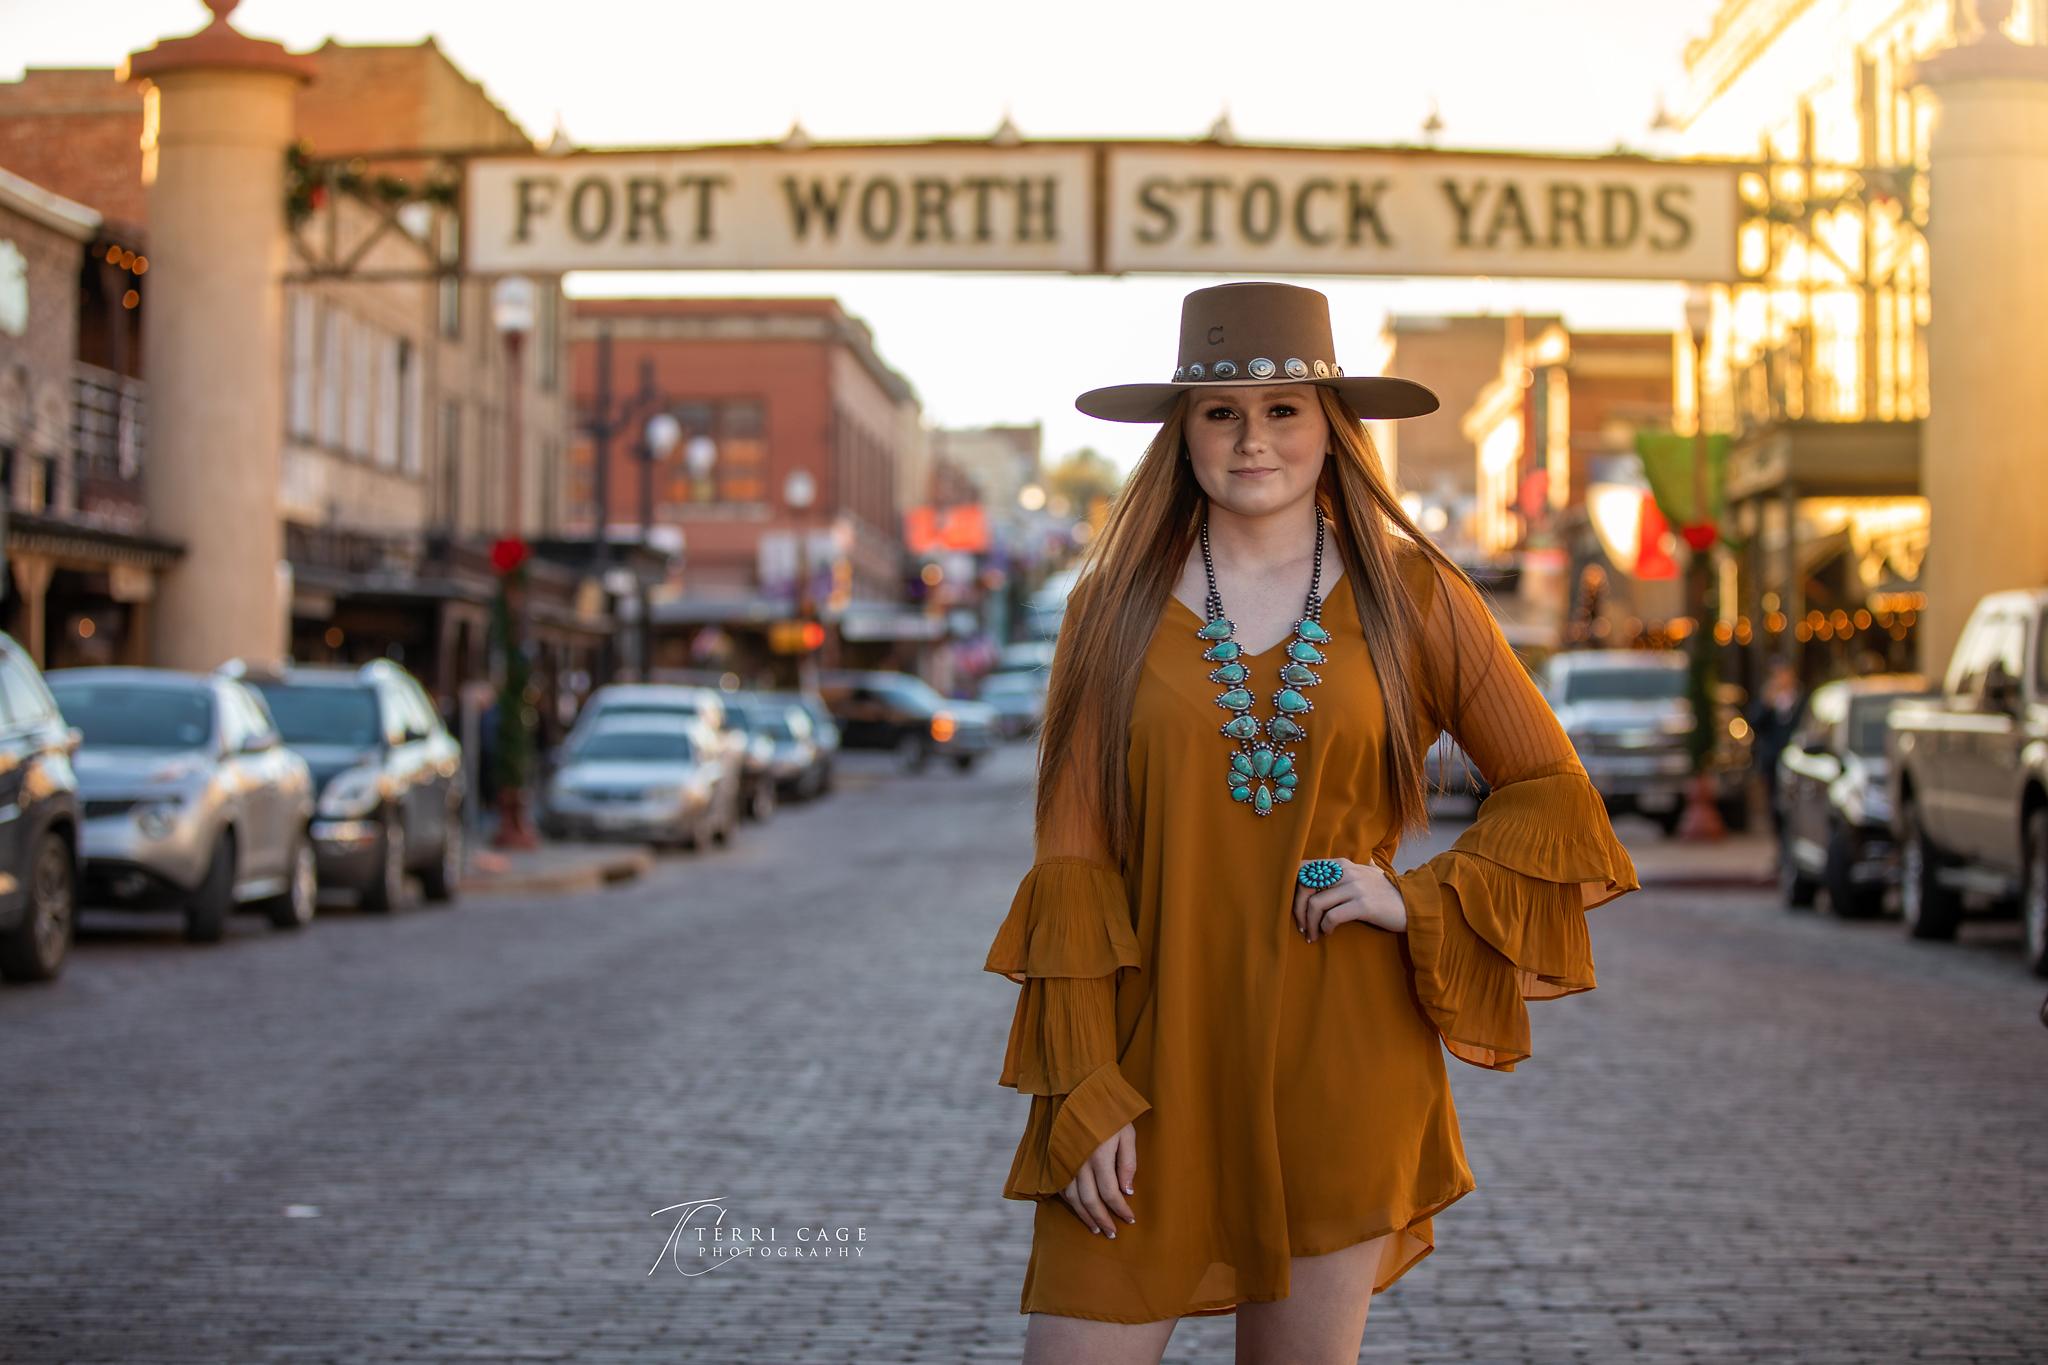 Senior in the Stockyards